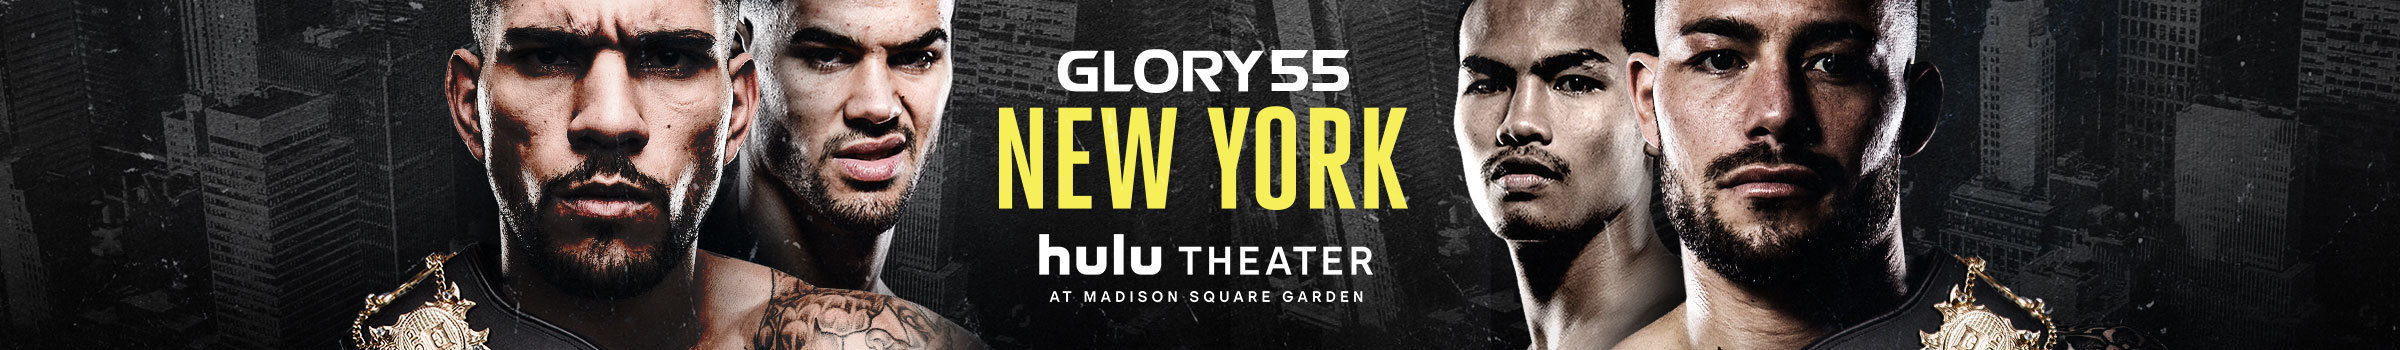 GLORY 55 New York